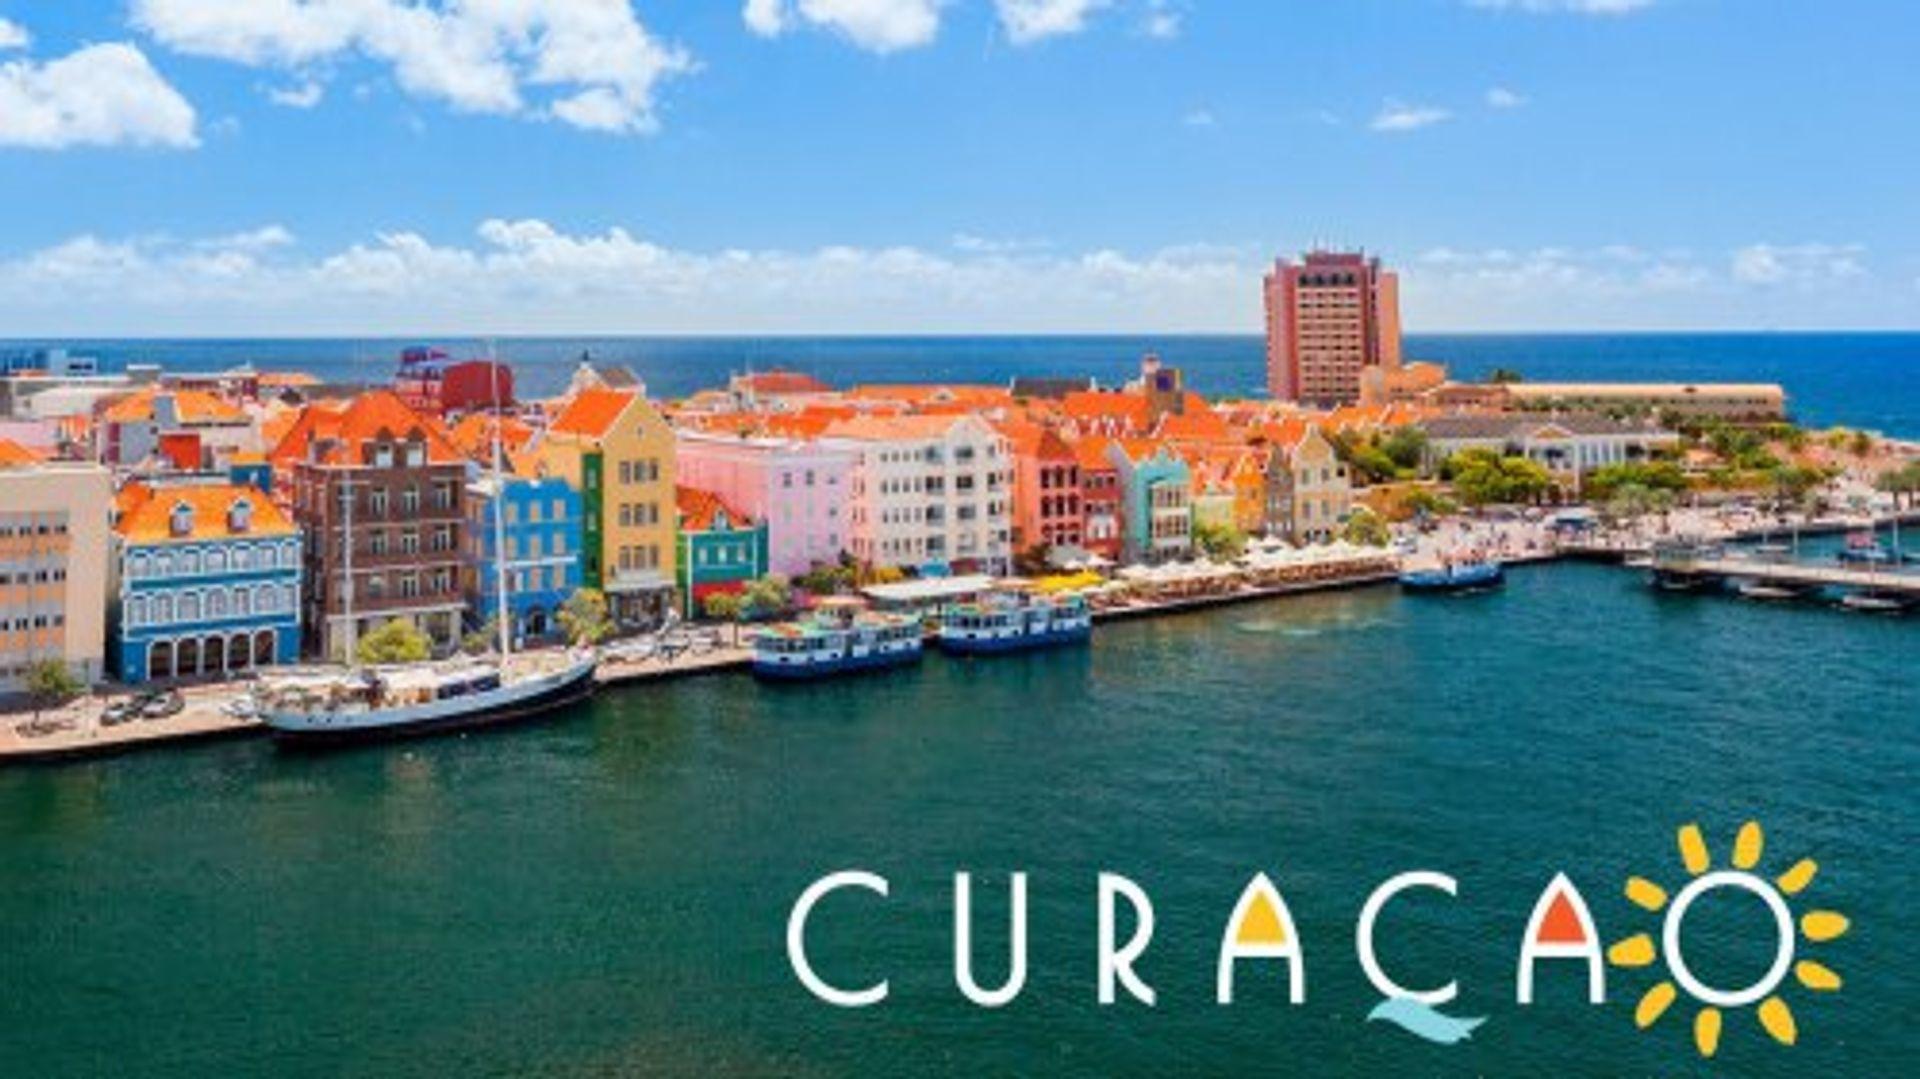 Oh, dus dat betekent Curaçao.